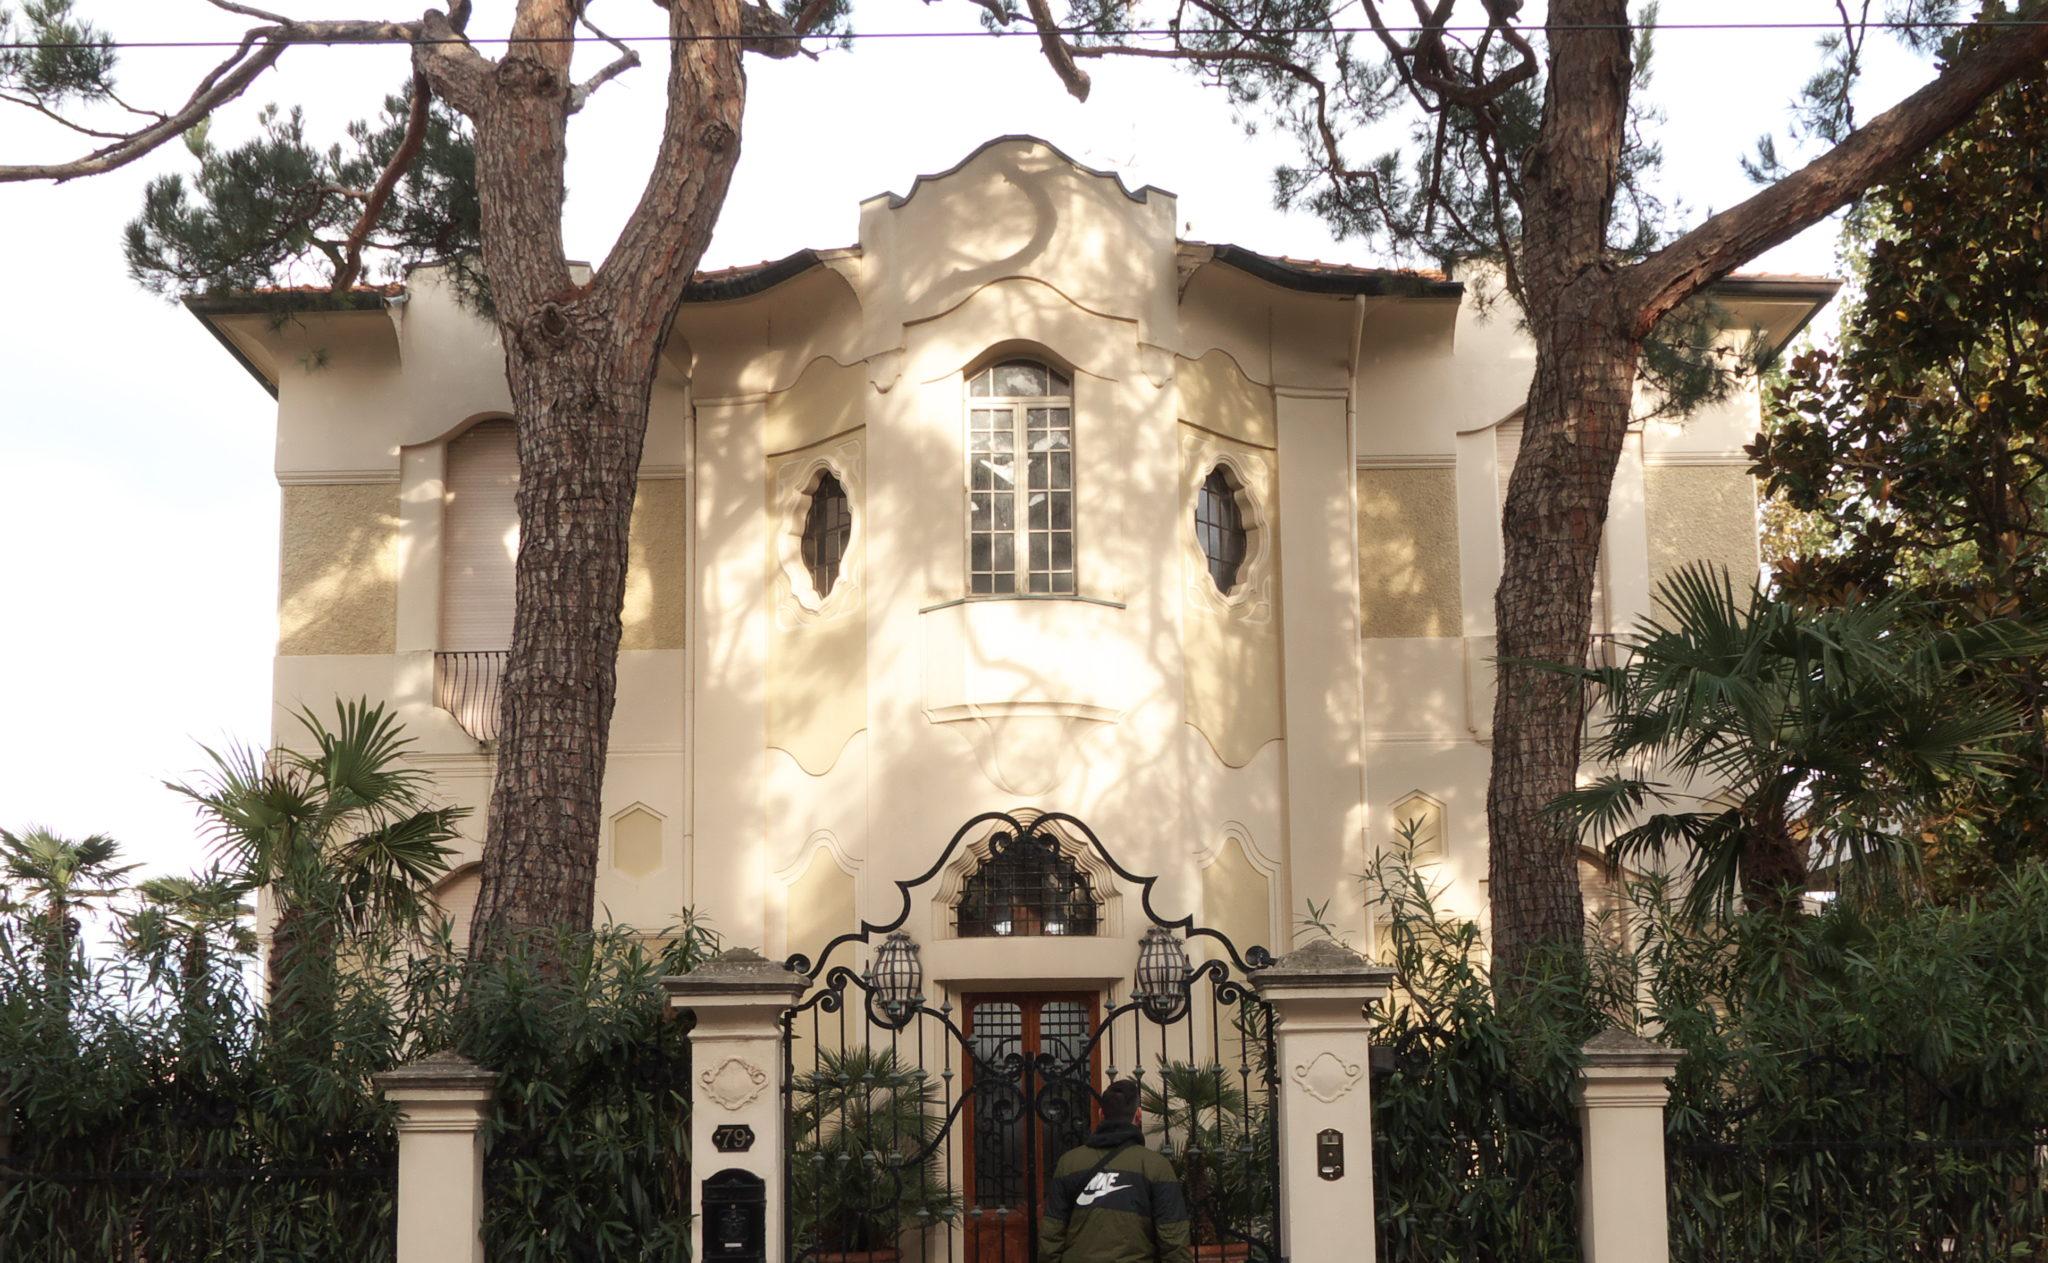 Ville in stile liberty, colonna sonora jazz, bistrot con l'anima da osteria: un giro nel quartiere Abissinia, il più autentico di Riccione